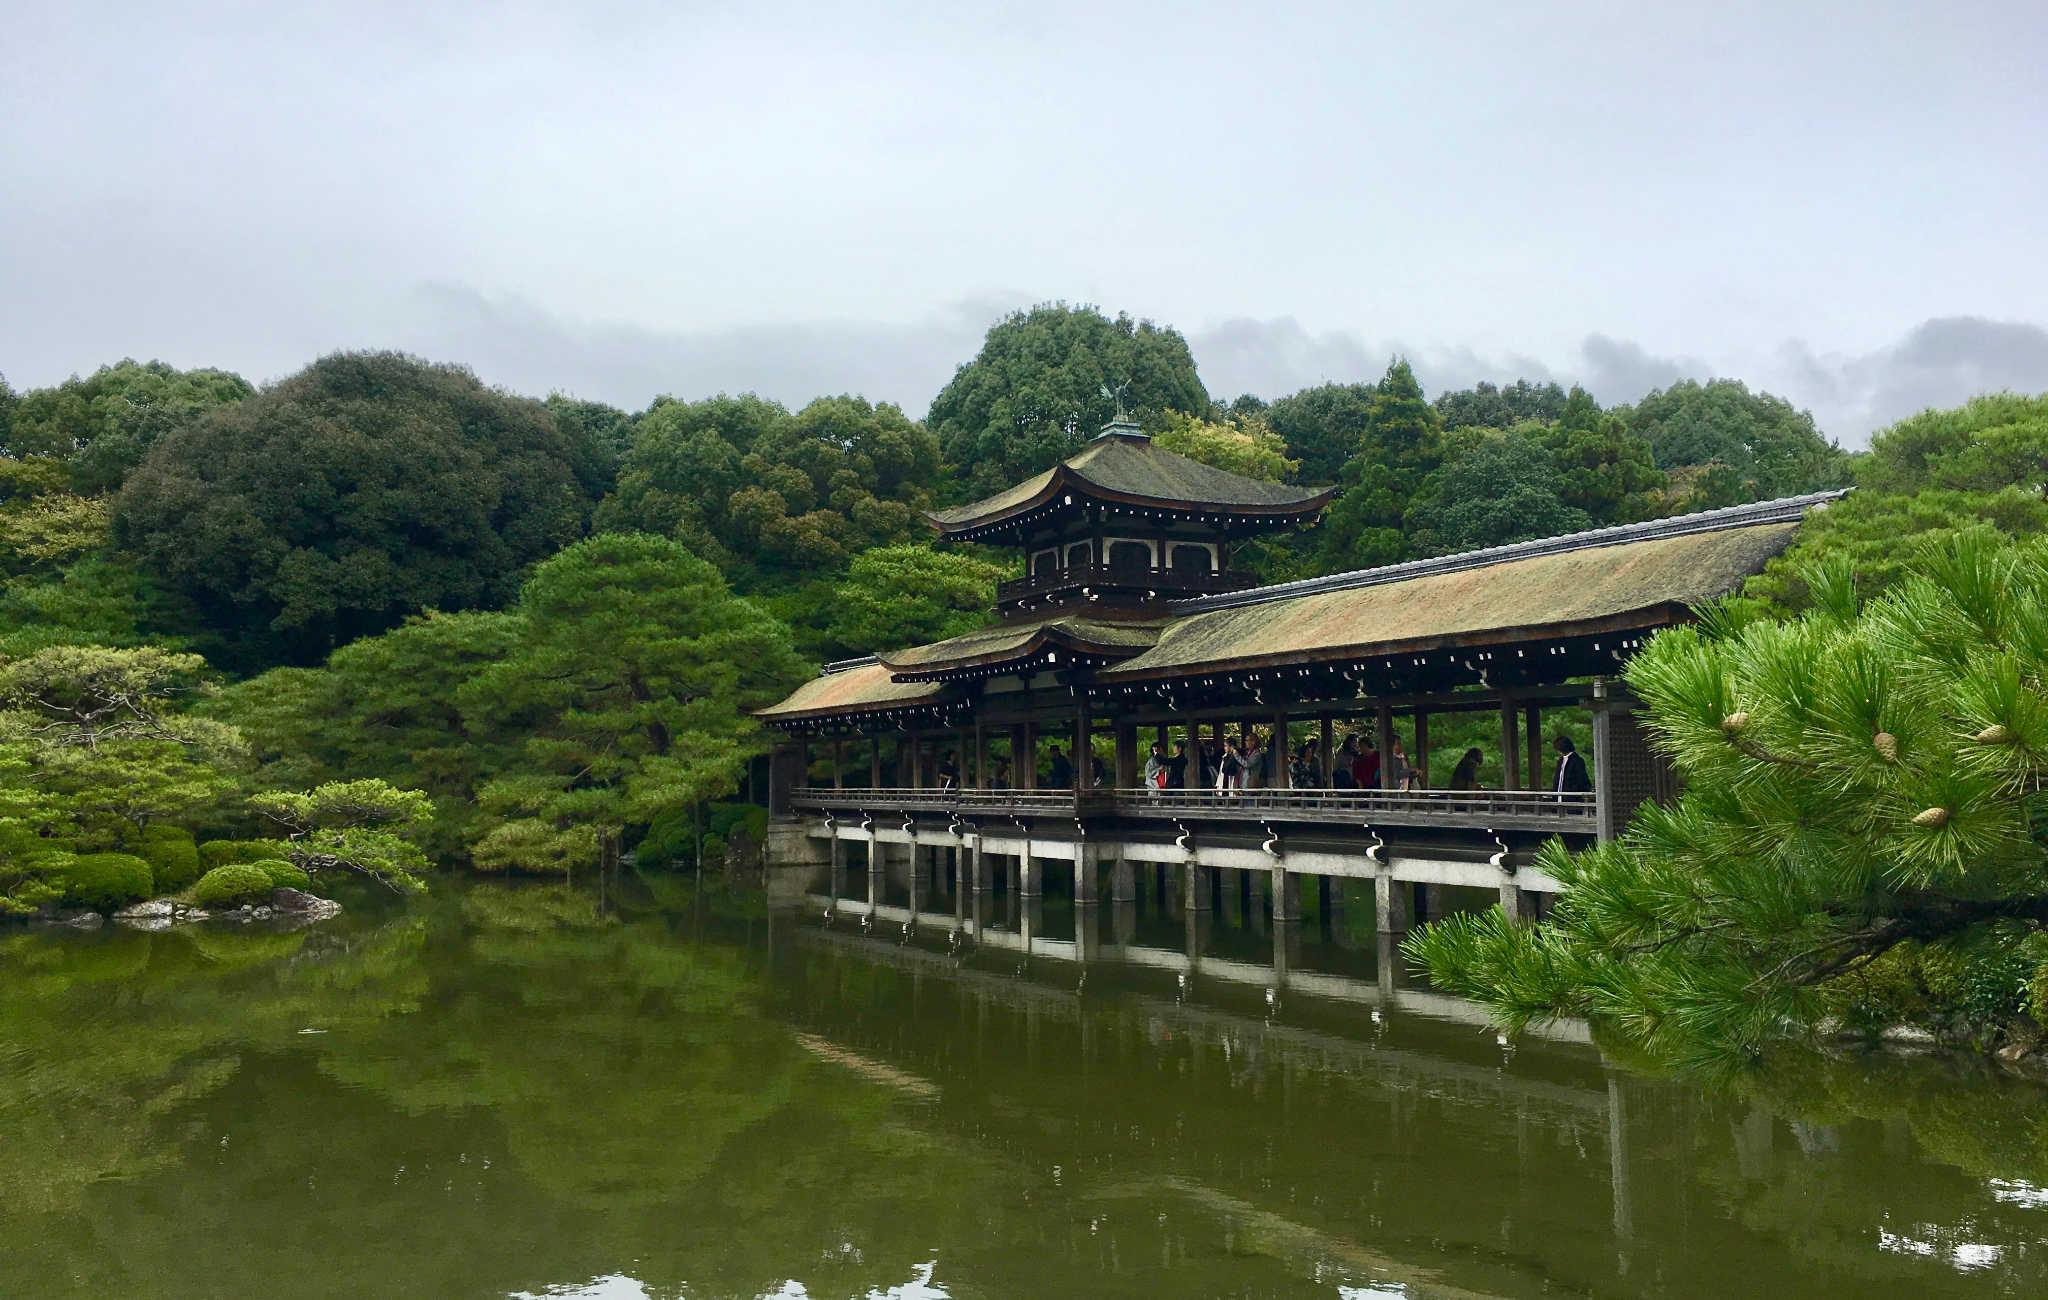 L'impressionnant pont est le point culminant de la visite du sanctuaire